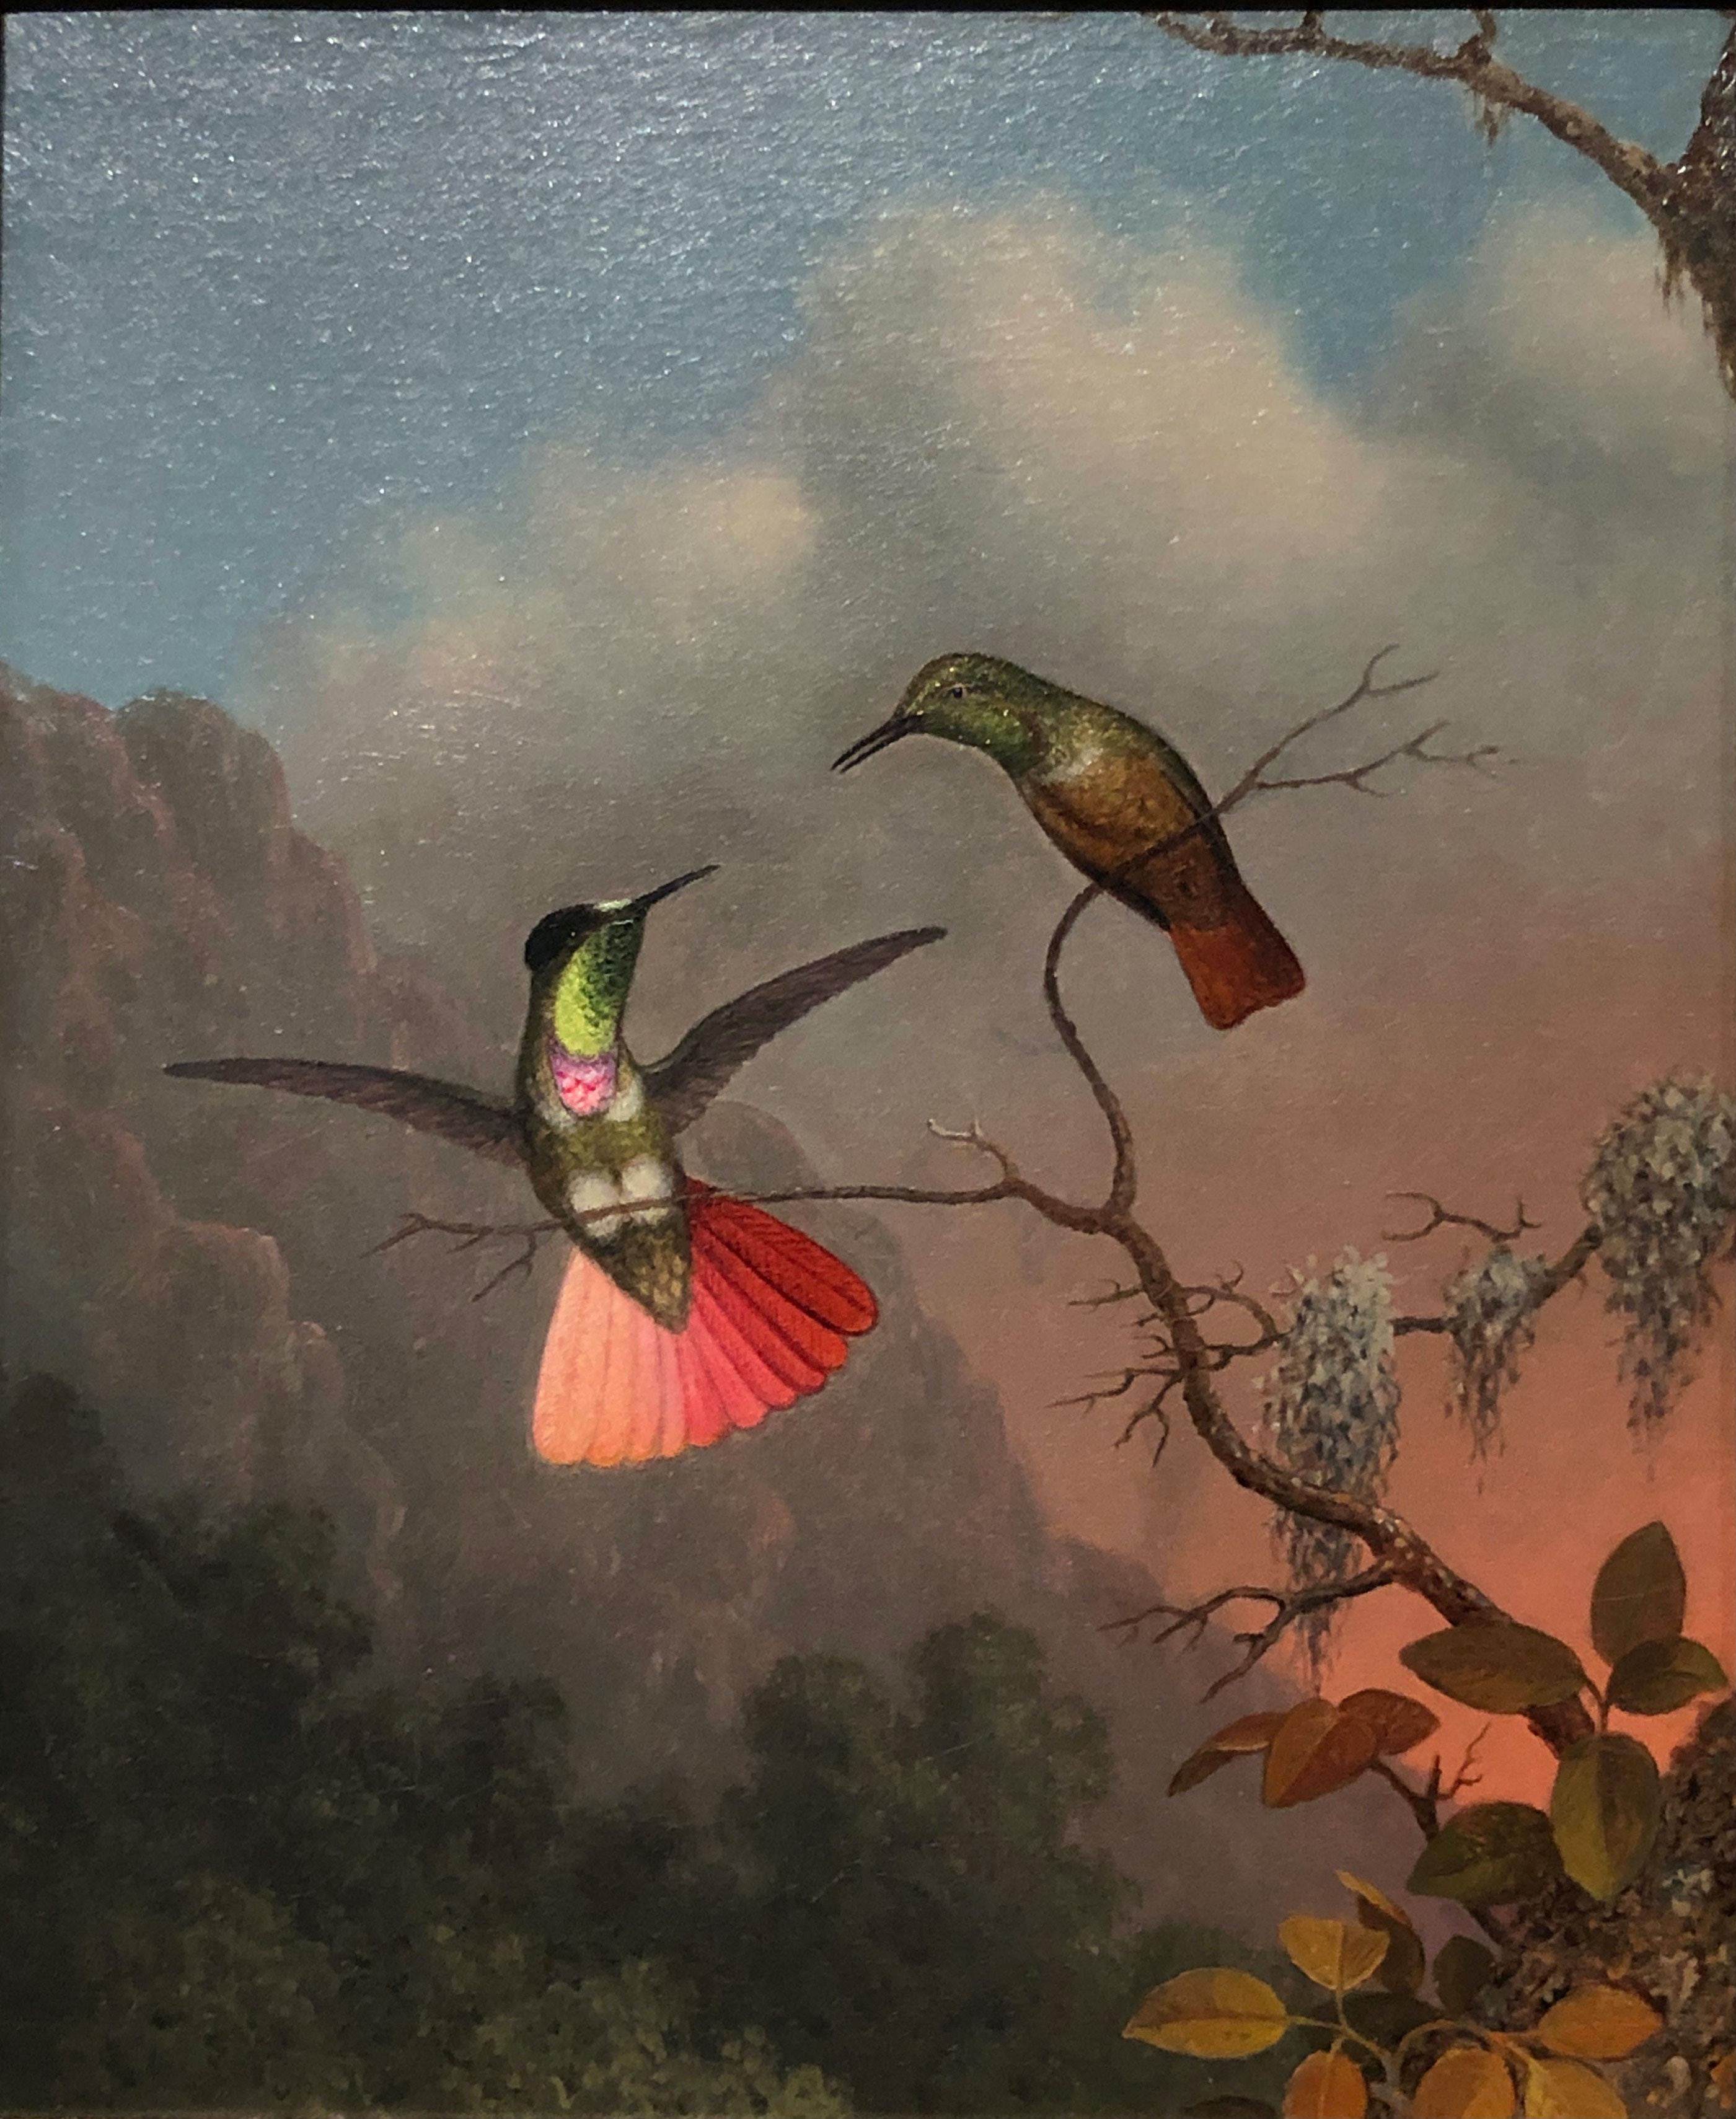 Martin Johnson Heade, <em>Hooded Visorbearer</em>, c. 1863–64, from <em>The Gems of Brazil</em>. Oil on canvas, 12 1/4 x 10 inches. Crystal Bridges Museum of American Art, Bentonville, Arkansas.